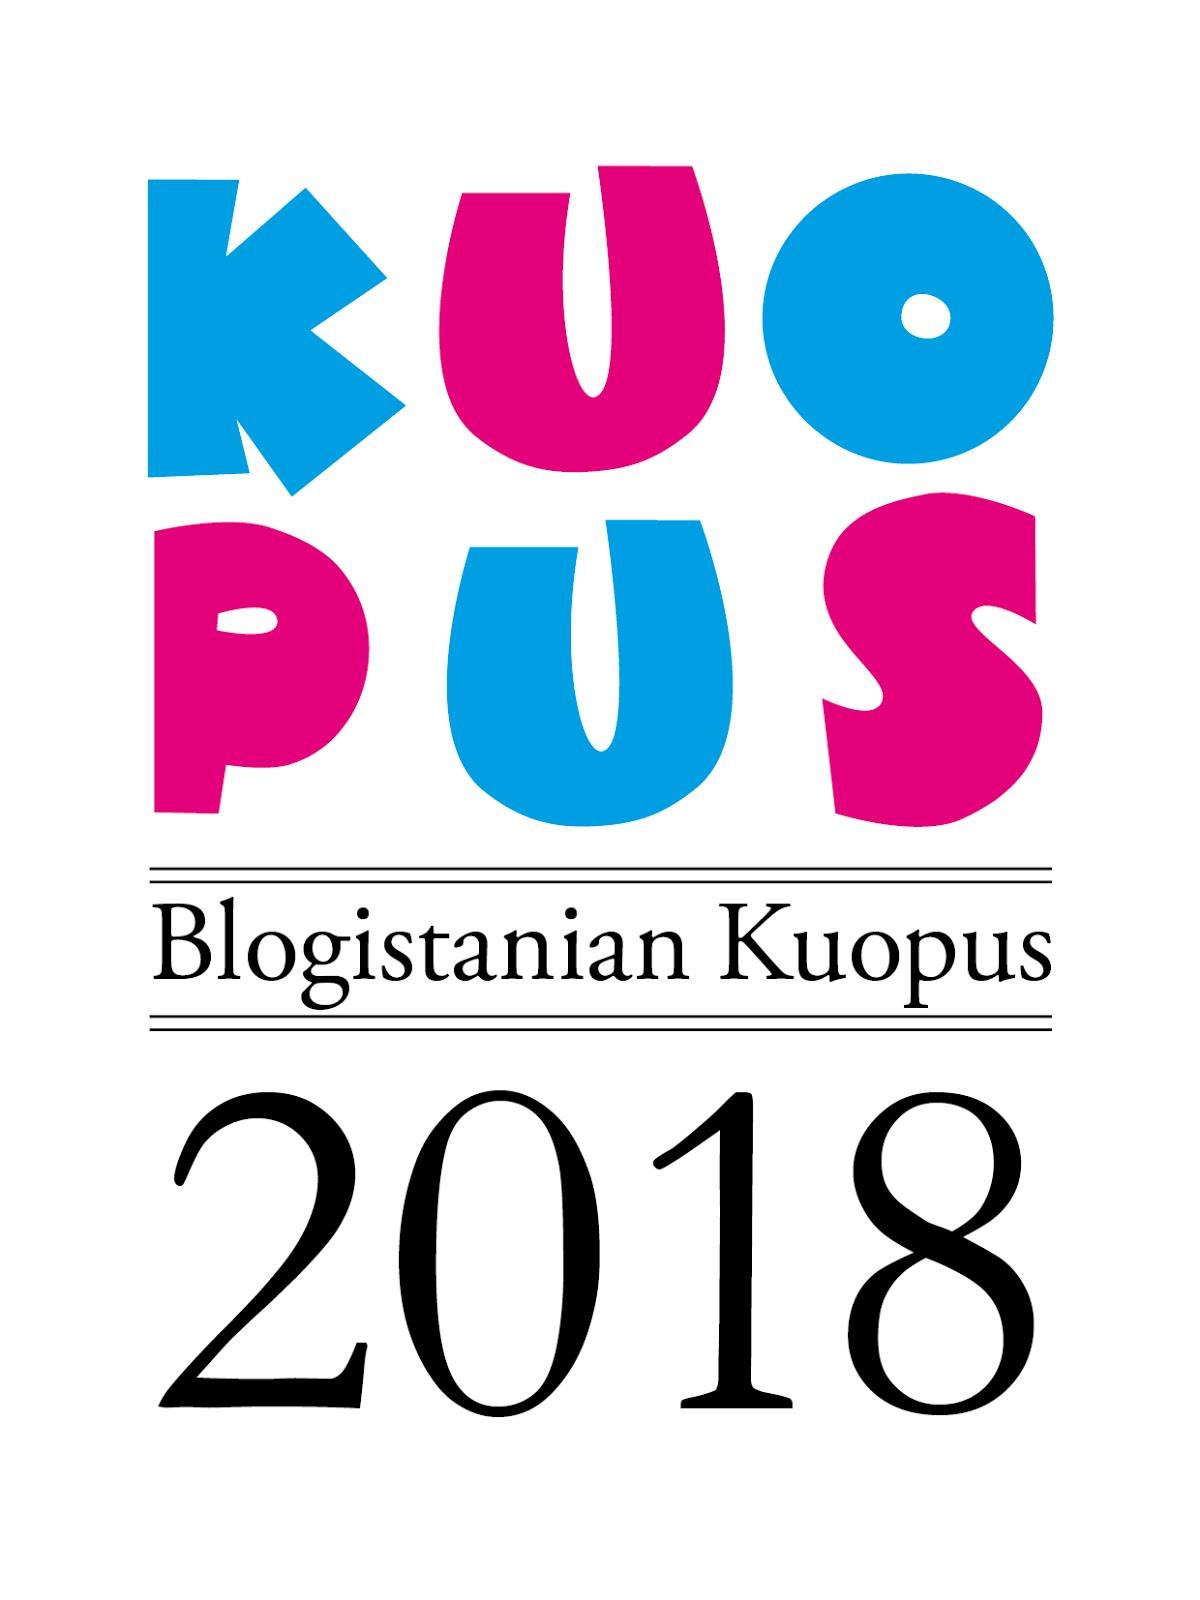 Blogistanian kirjallisuuspalkintojen äänestysohjeet - Äänestys 24.2.2019 klo 10